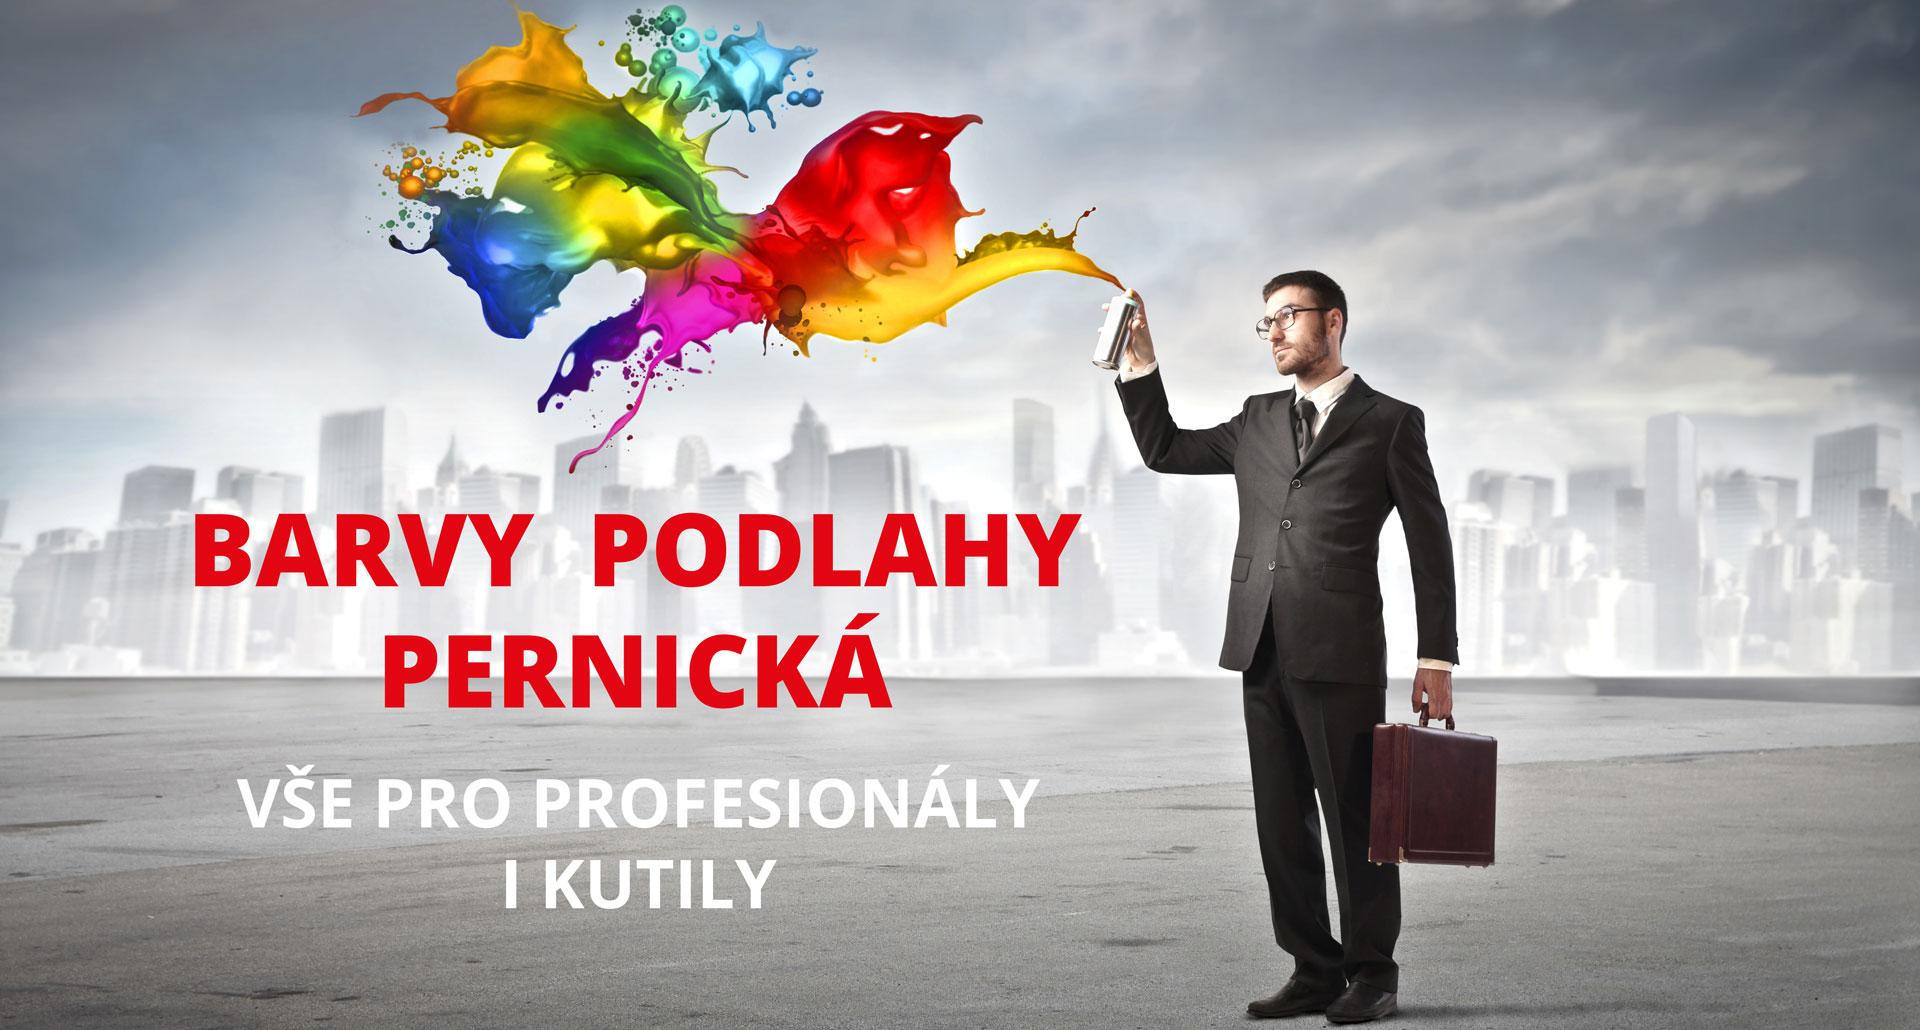 Vše pro-profesionály i kutily